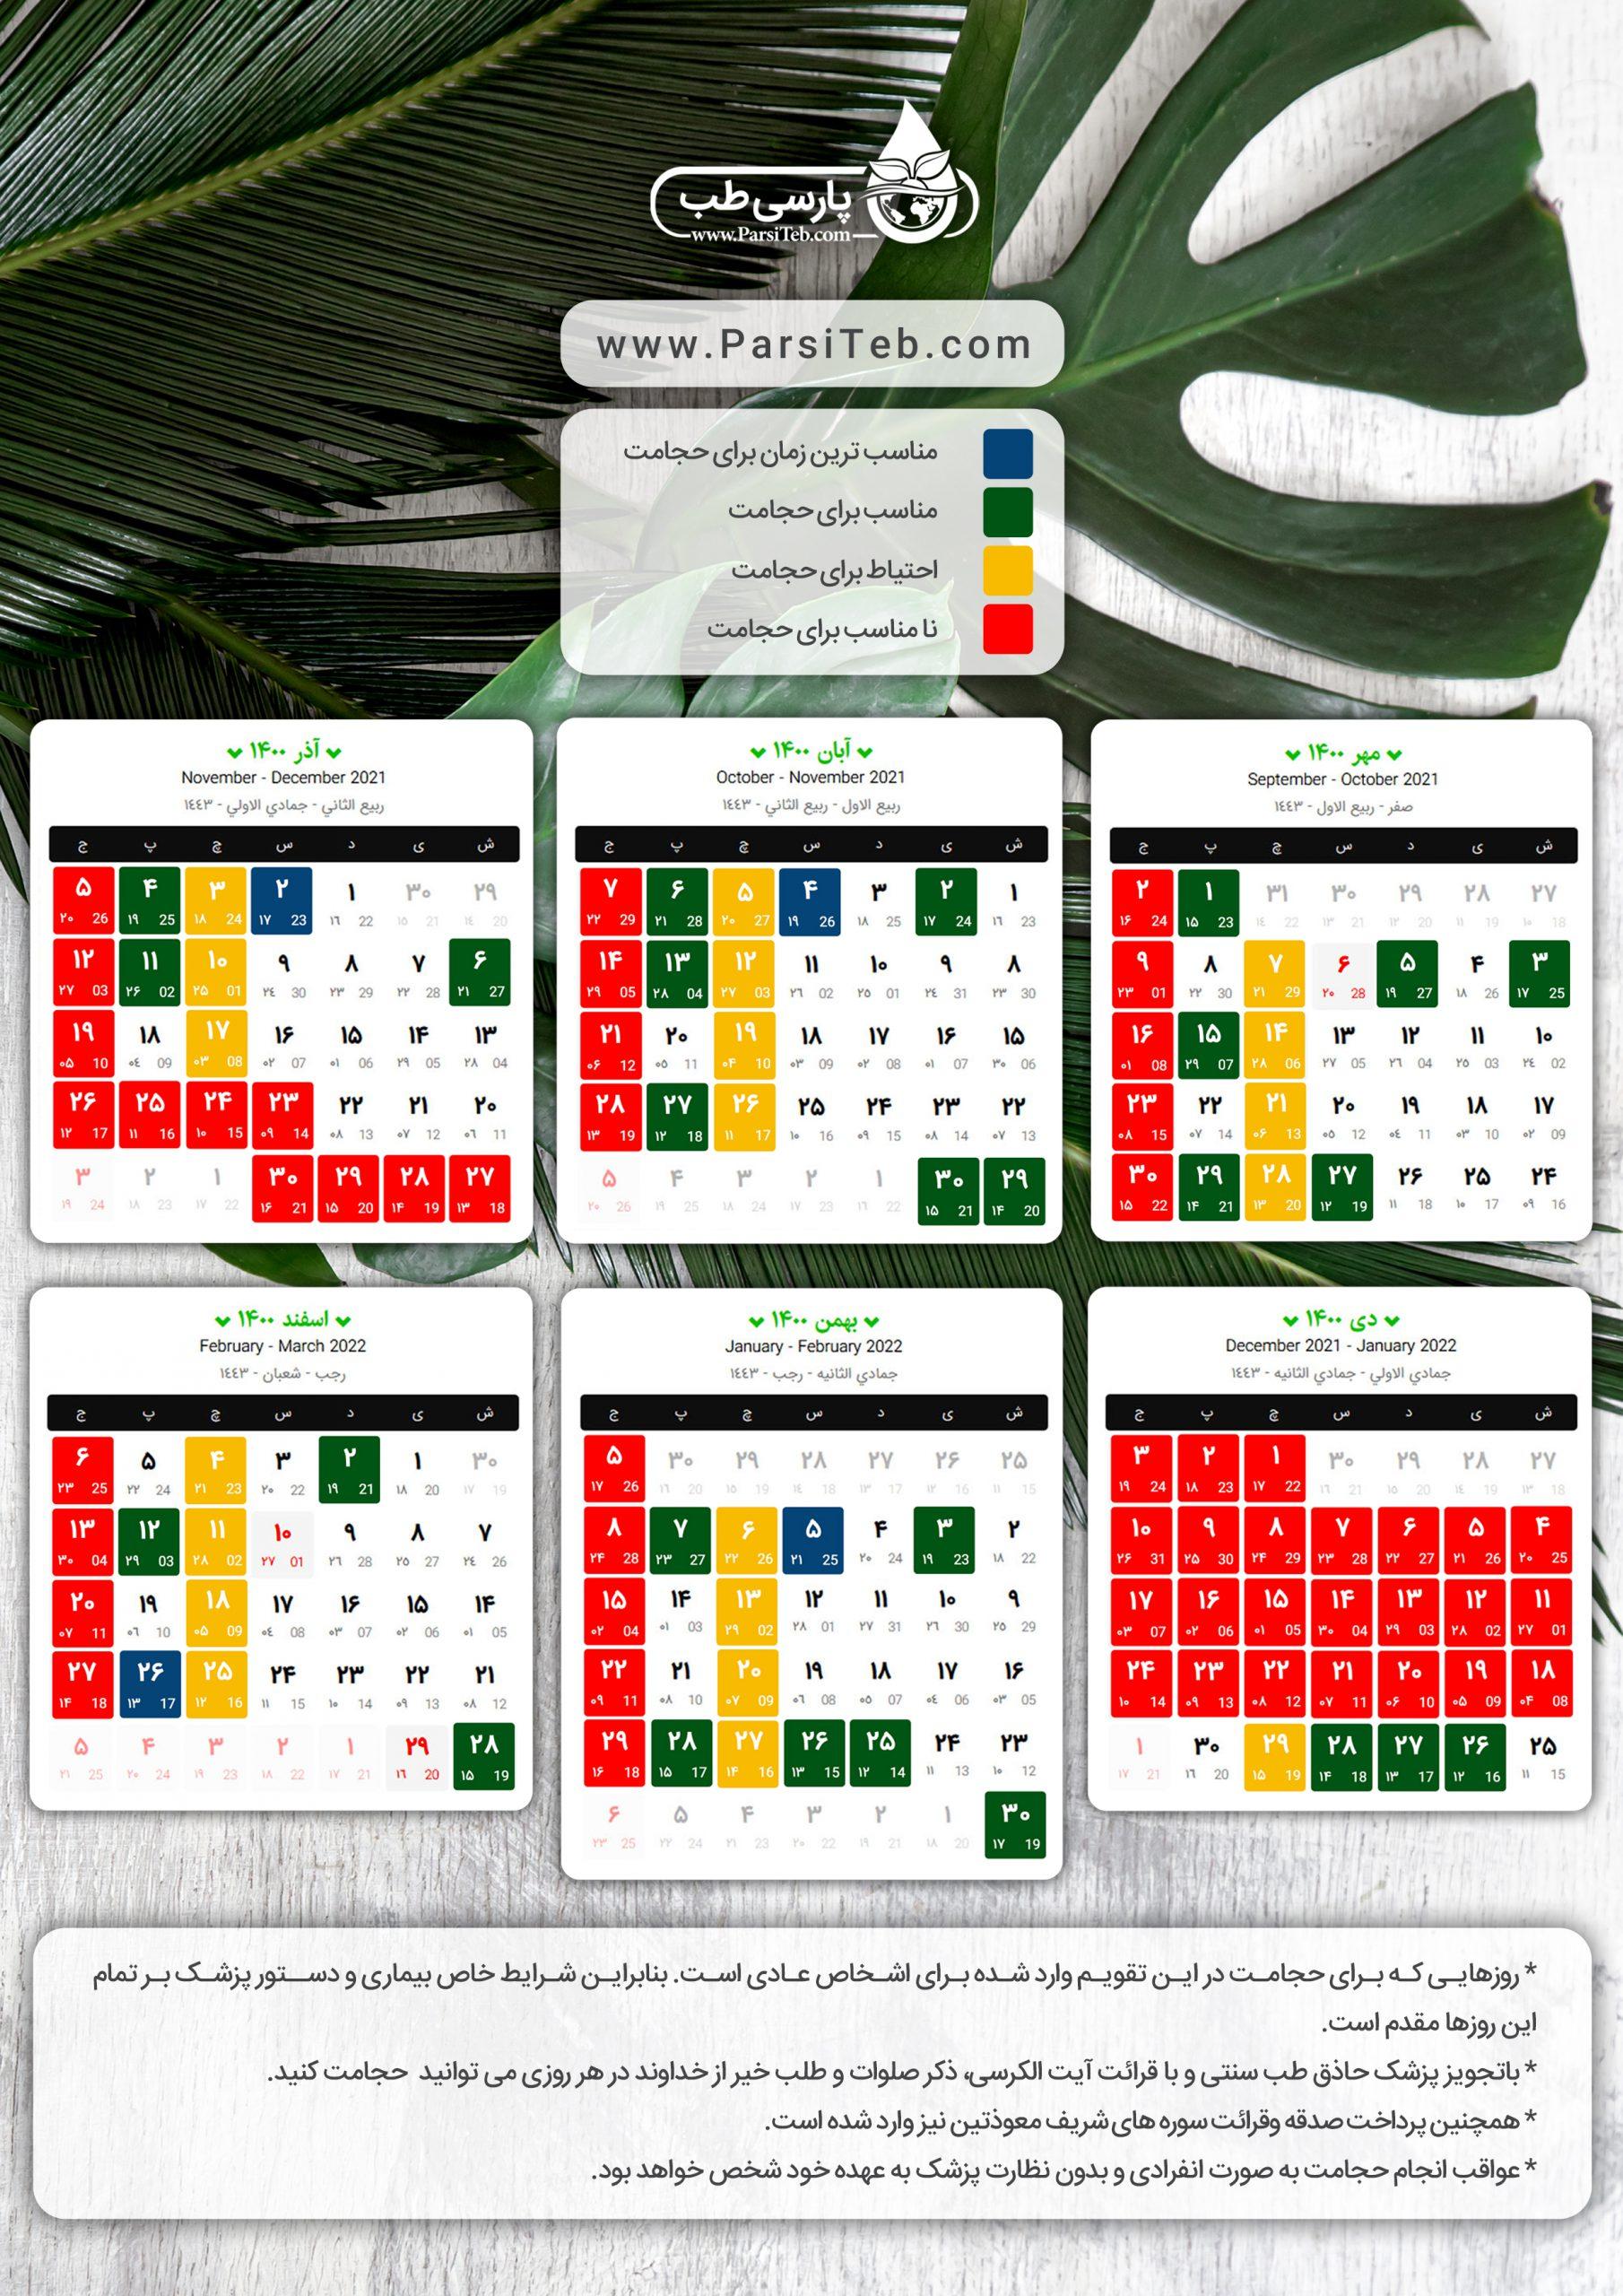 تقویم حجامت شش ماهه دوم 1400